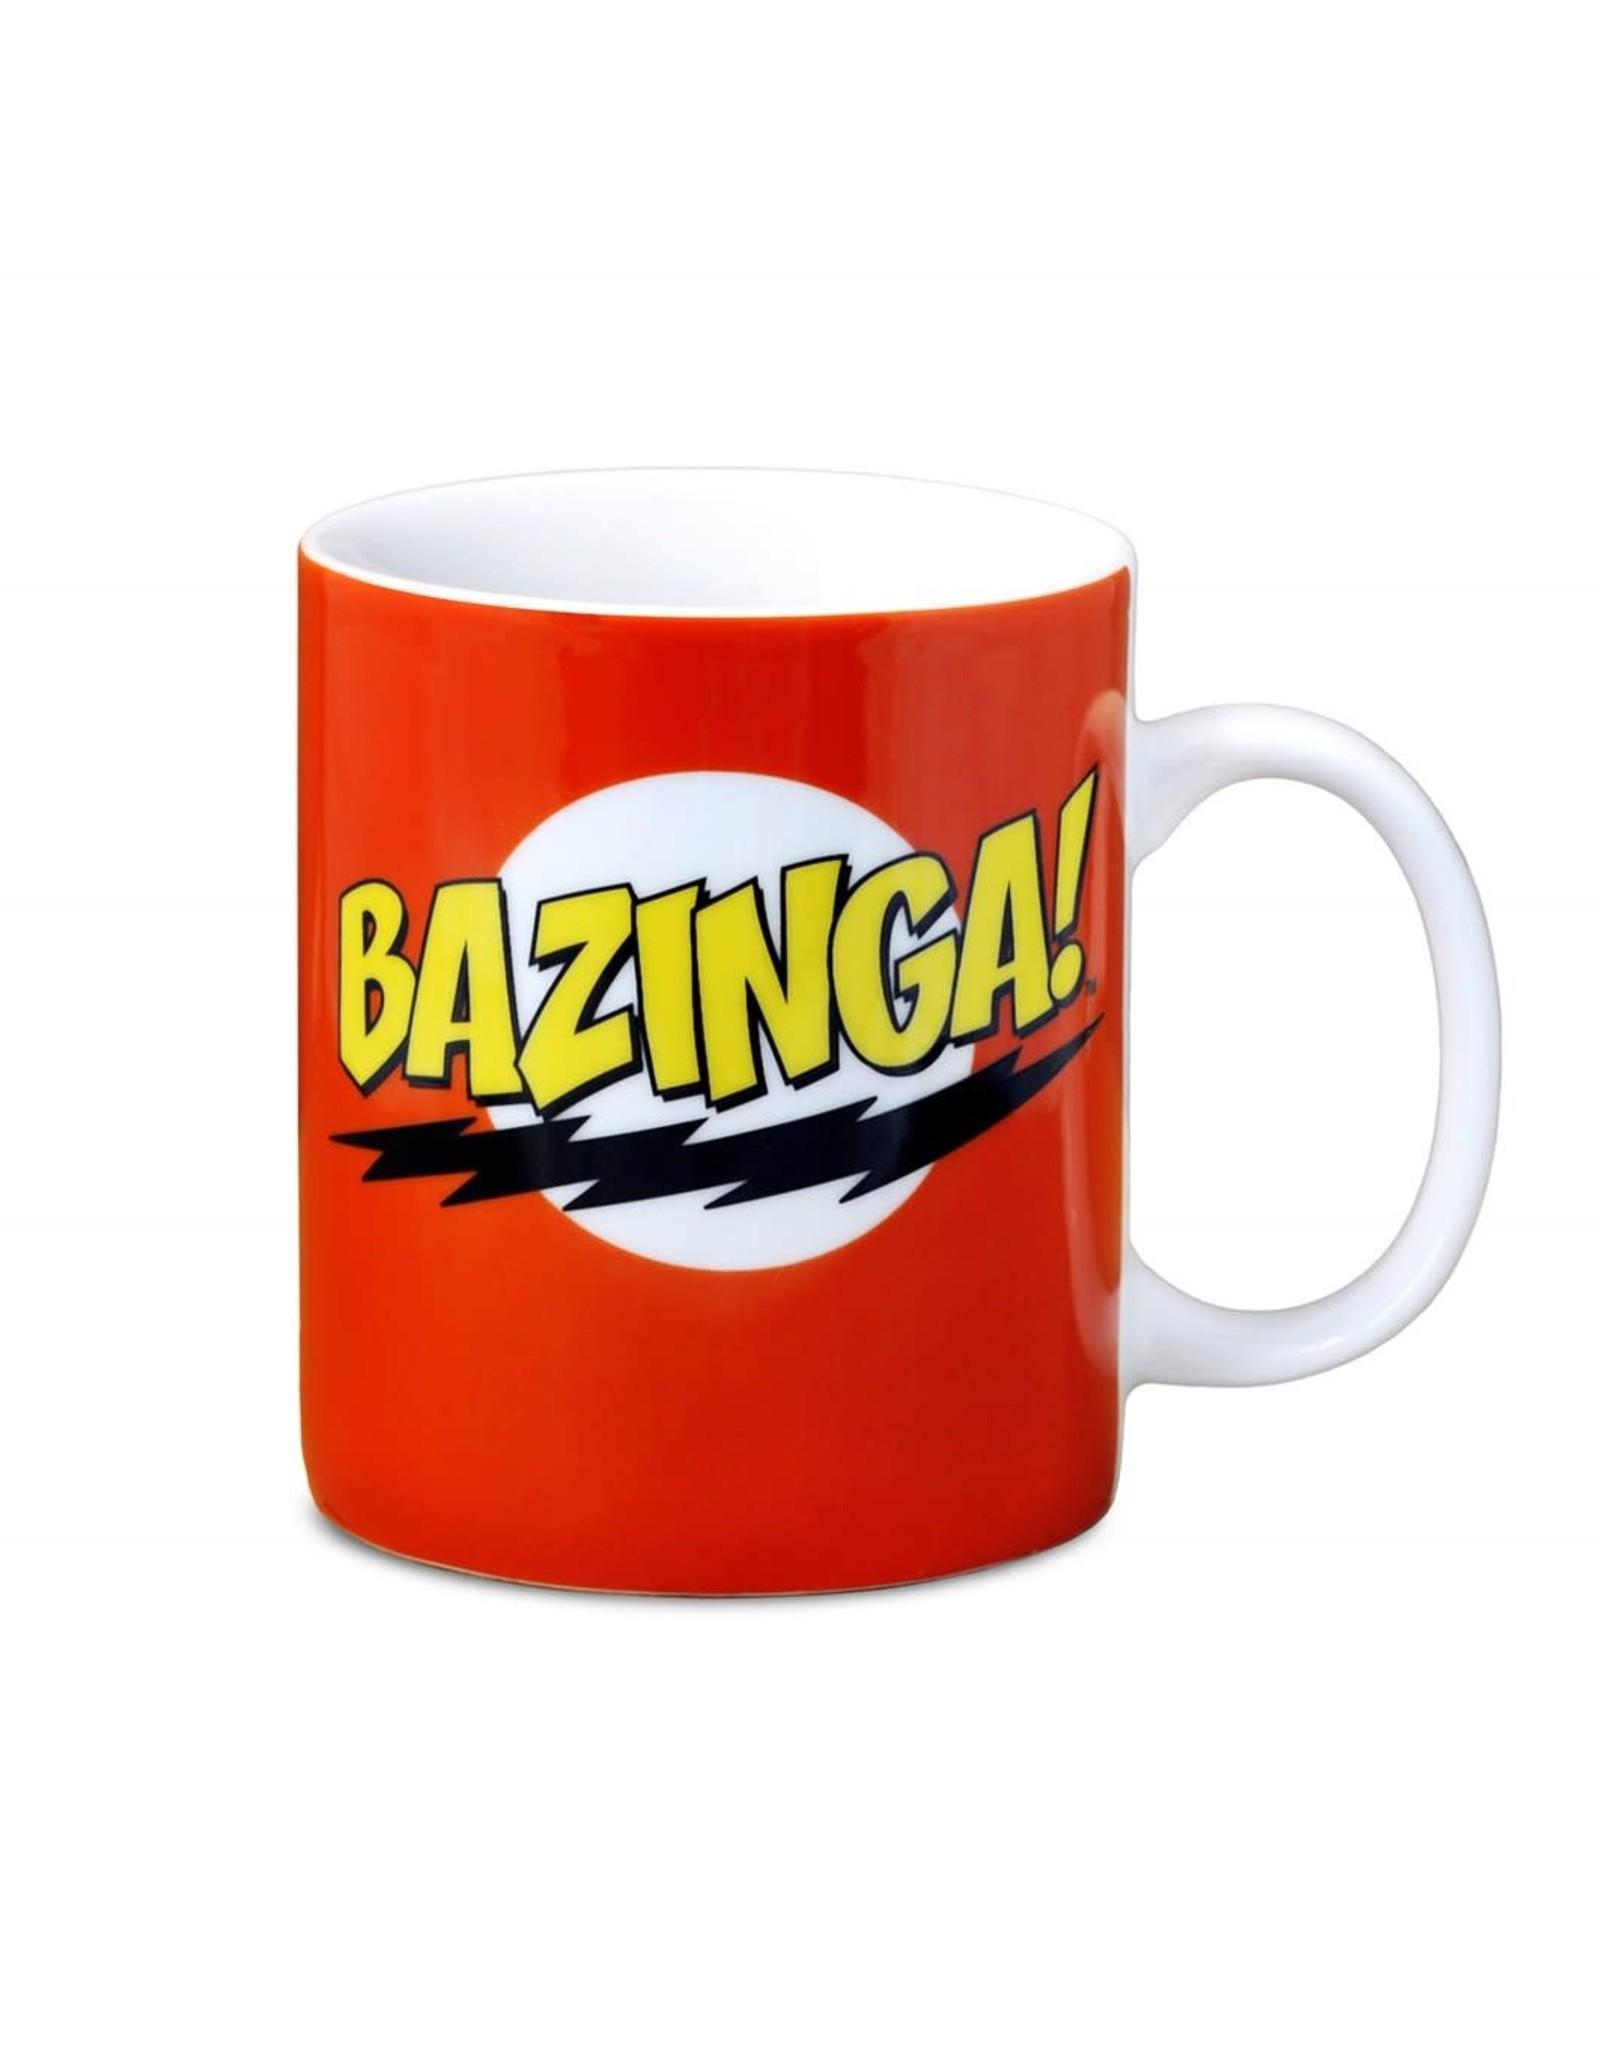 THE BIG BANG THEORY Mug - Bazinga